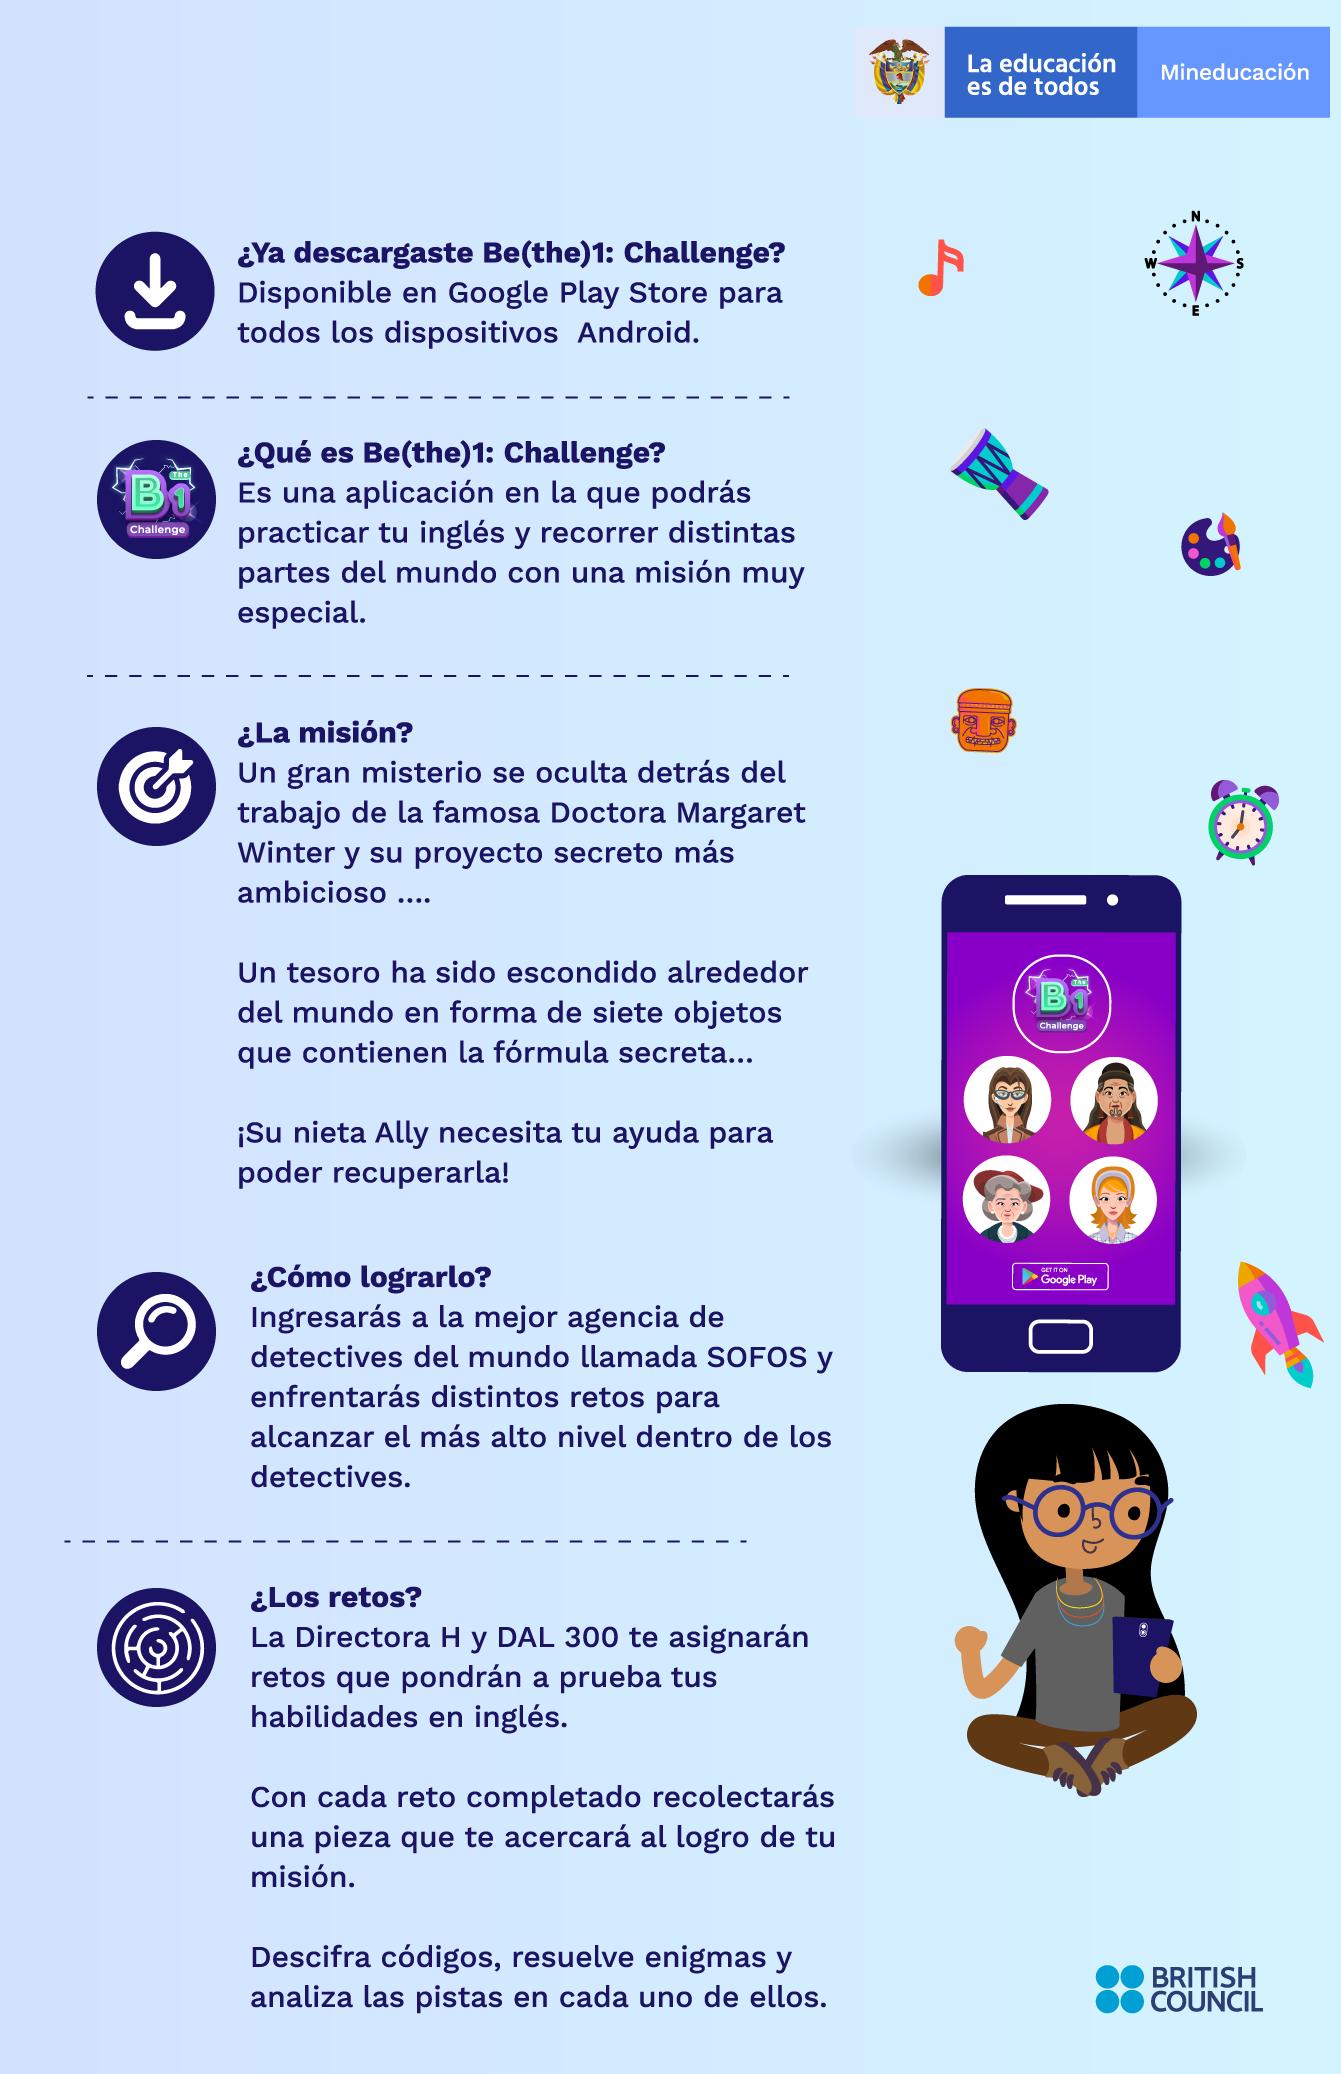 Infografía de contexto sobre la aplicación